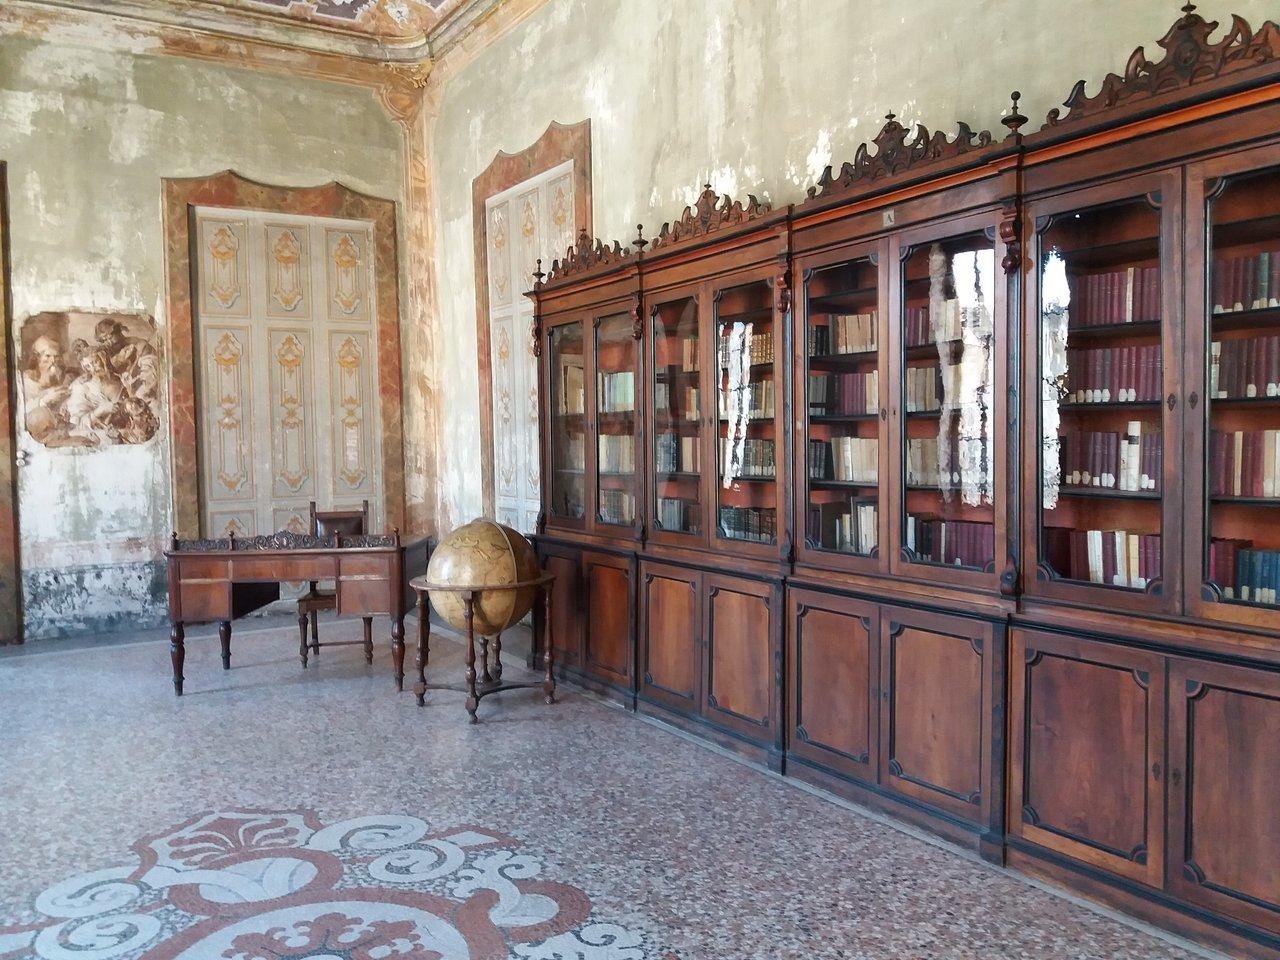 Case A Valenzano Occasioni villa arconati-far (bollate) - 2020 all you need to know